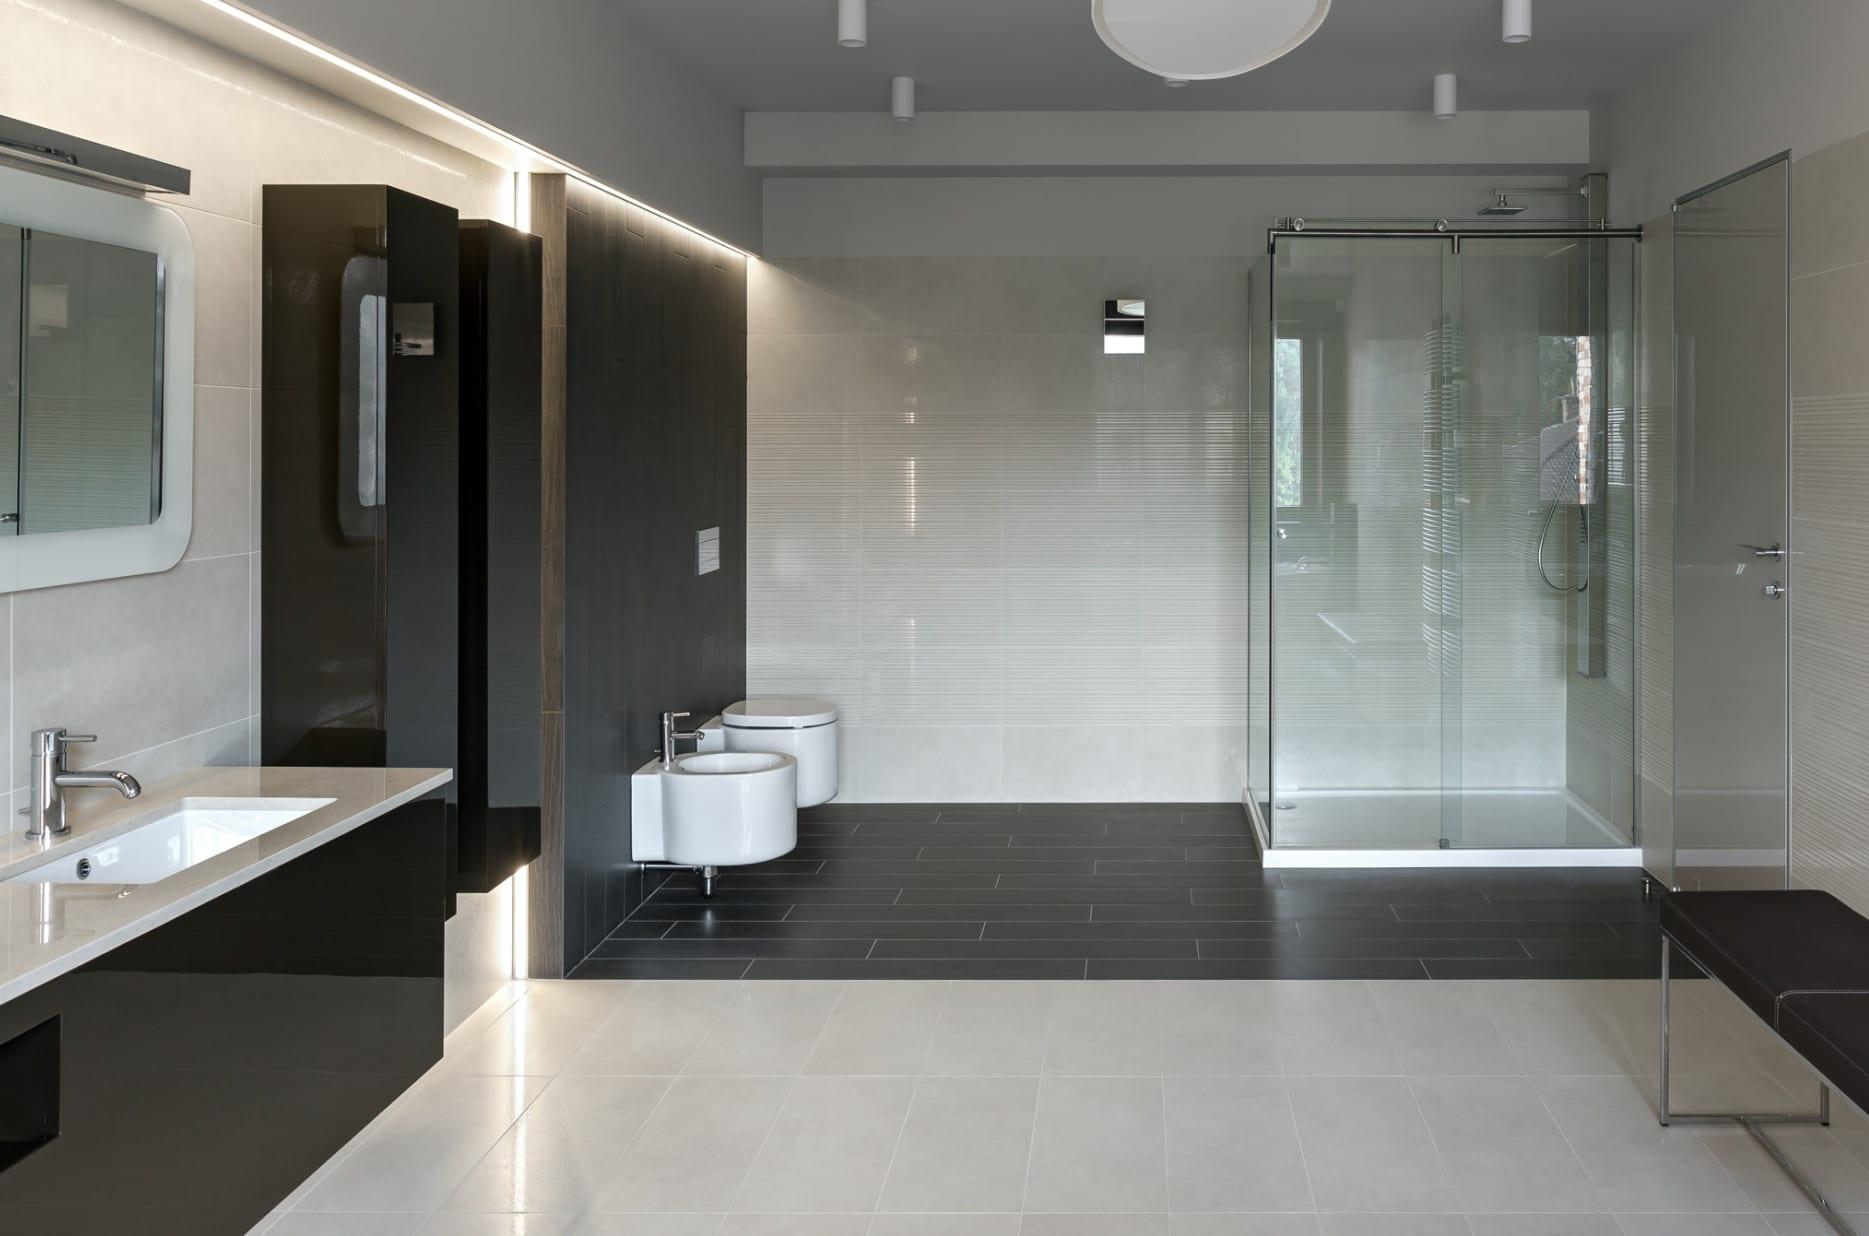 Badezimmer Verfliesen Ideen Badezimmer Wand Home Sweet Home